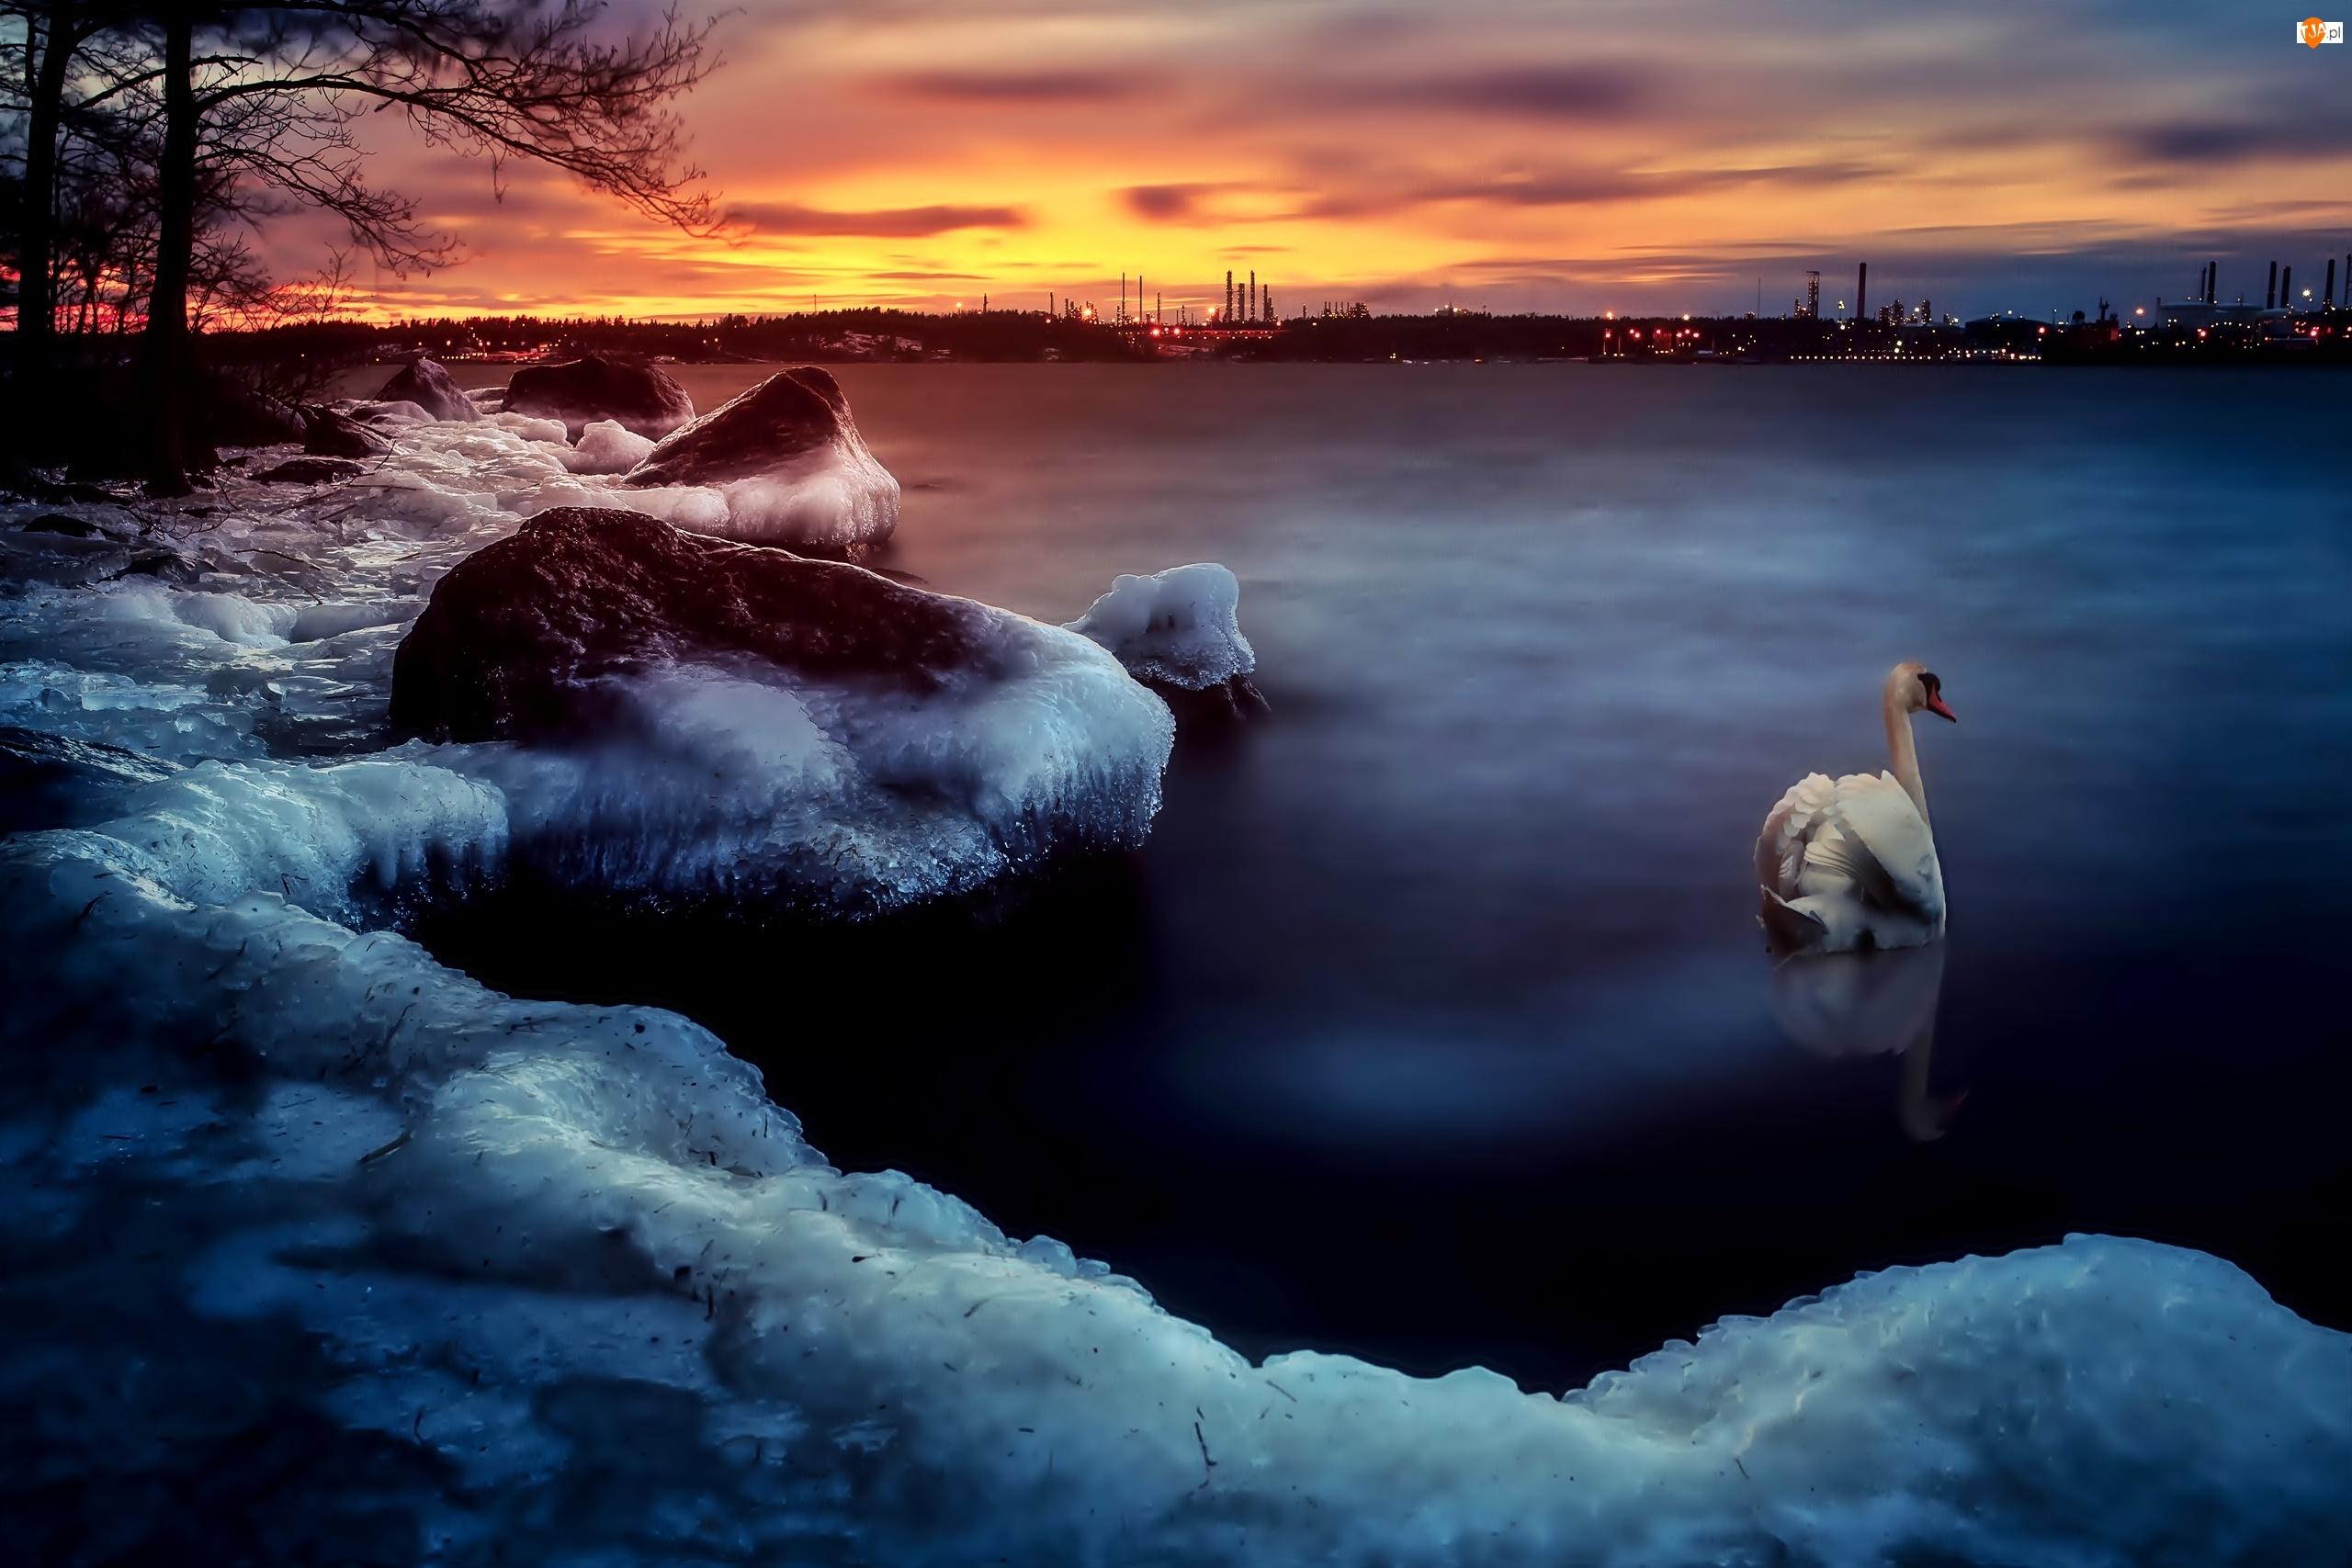 Słońca, Oblodzony, Rzeka, Brzeg, Zachód, Łabędź